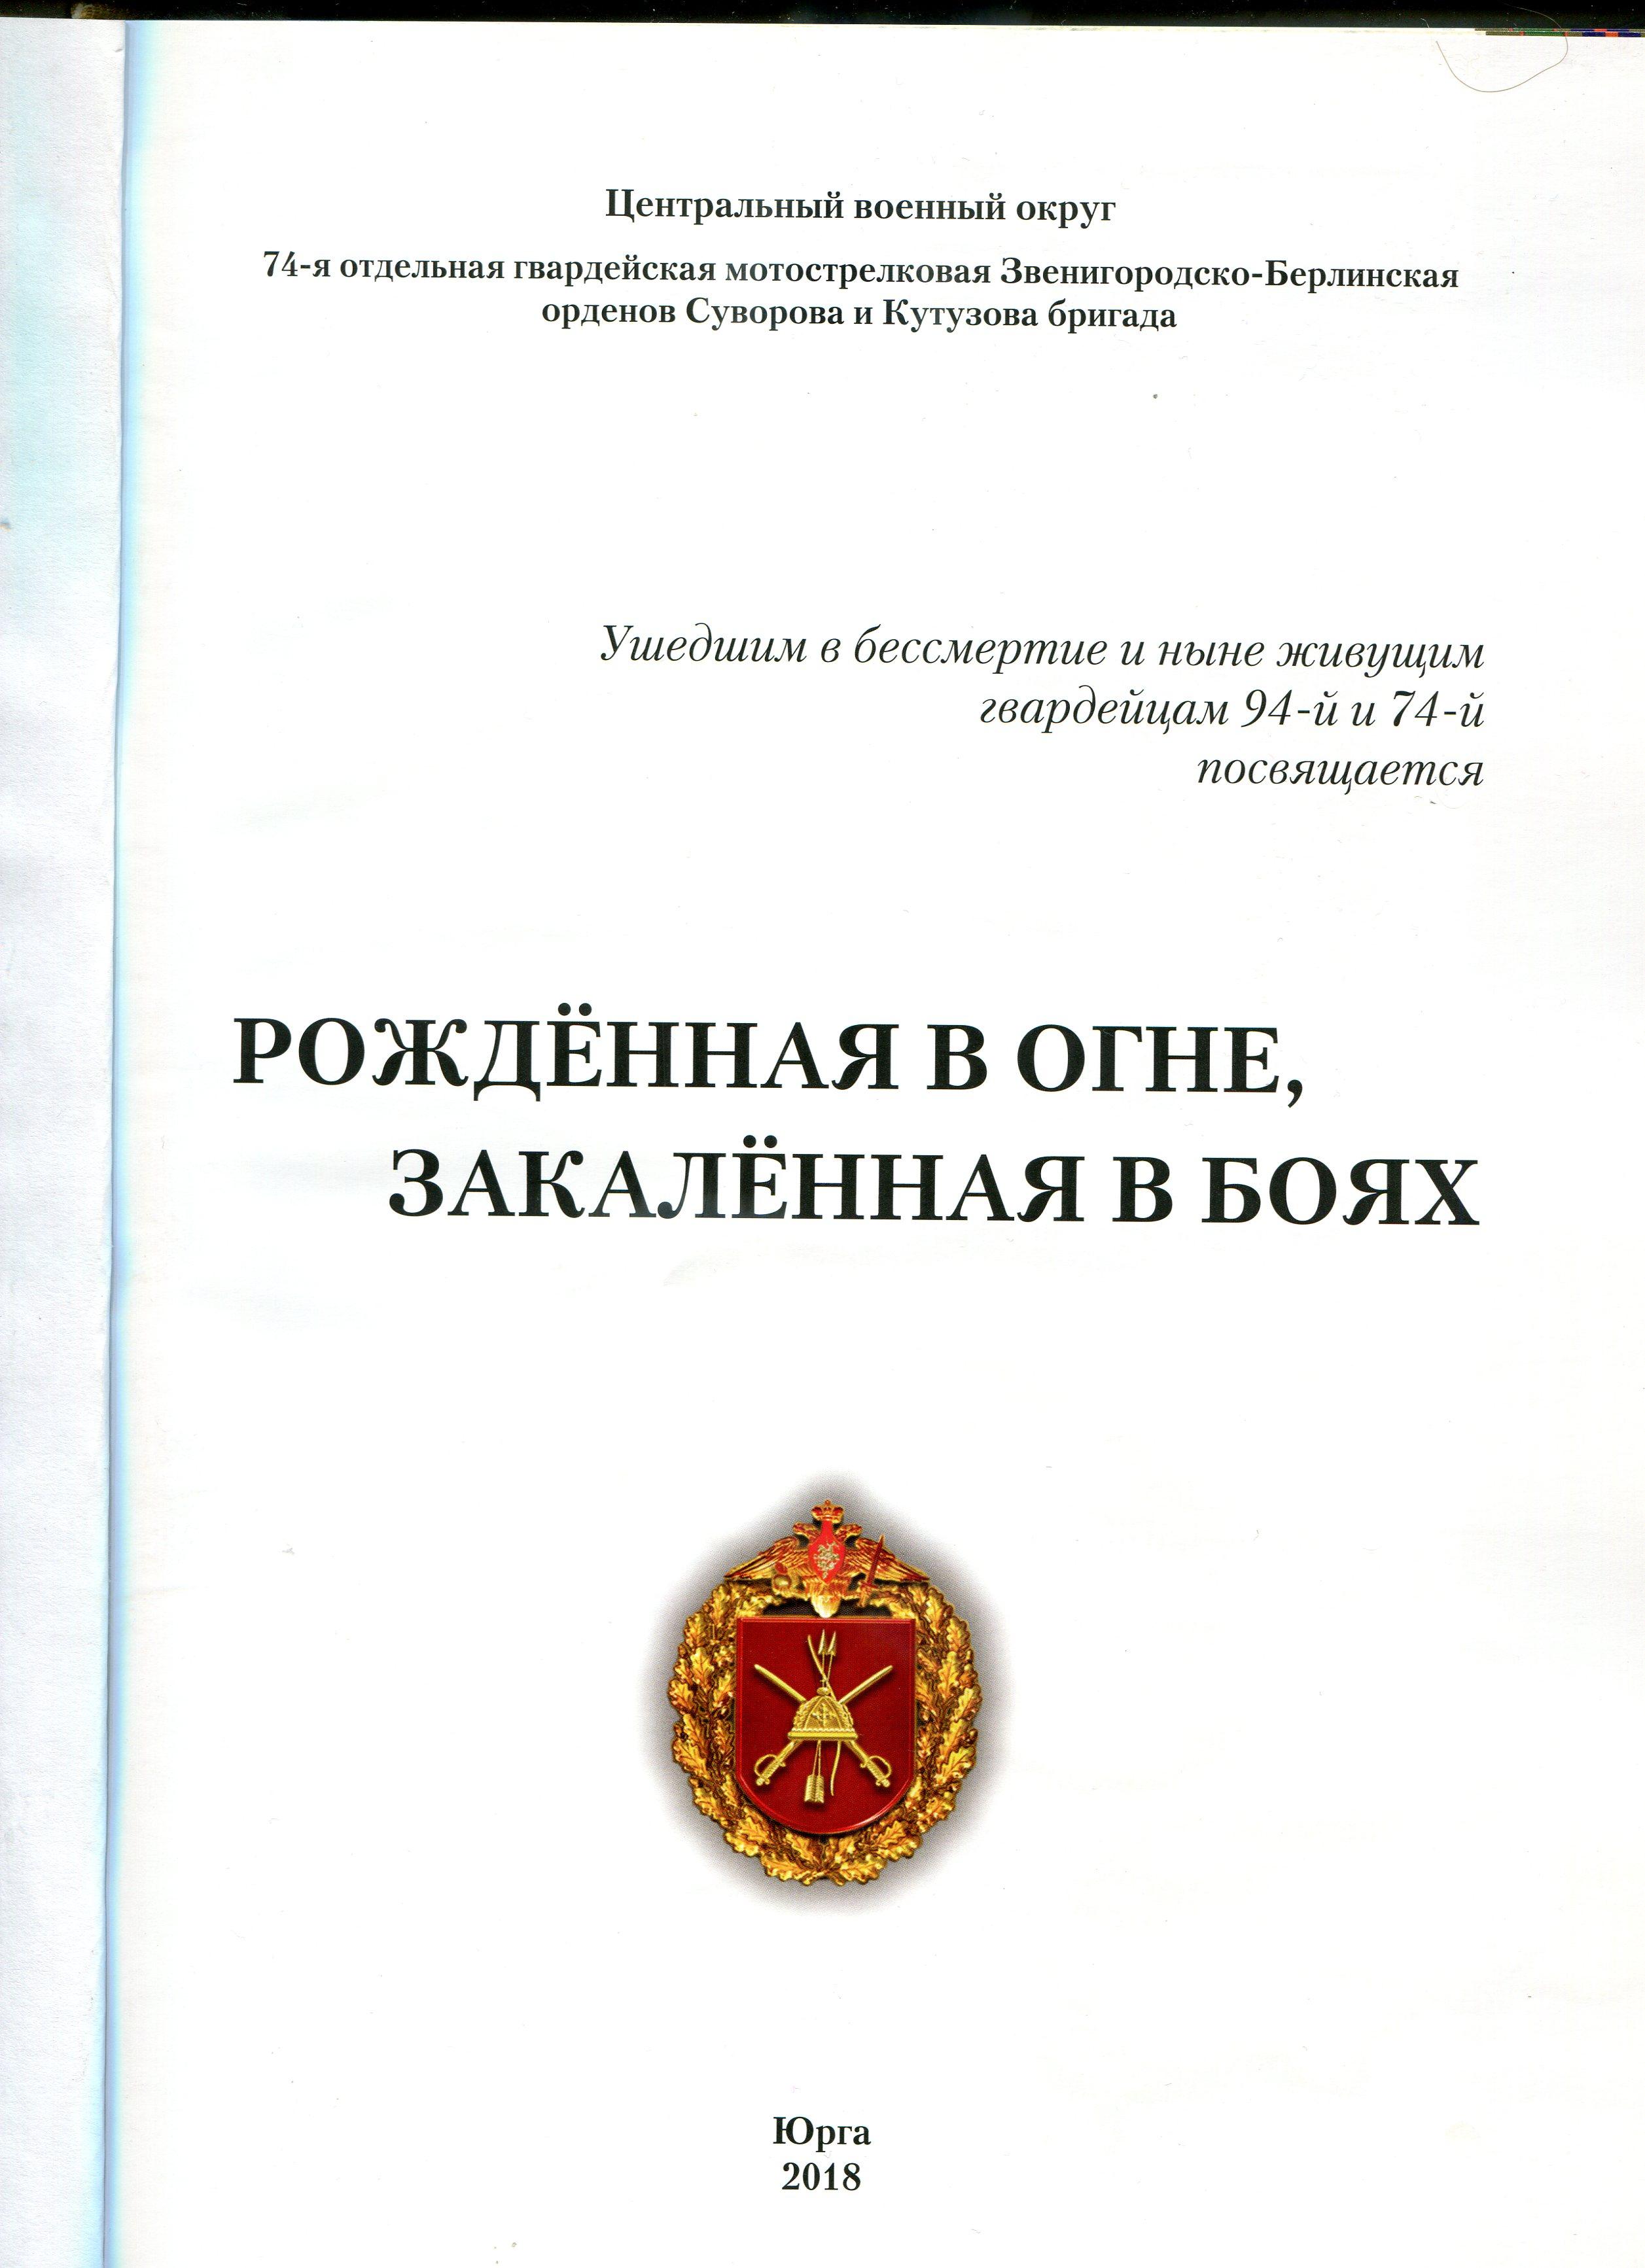 http://sg.uploads.ru/9aOCc.jpg